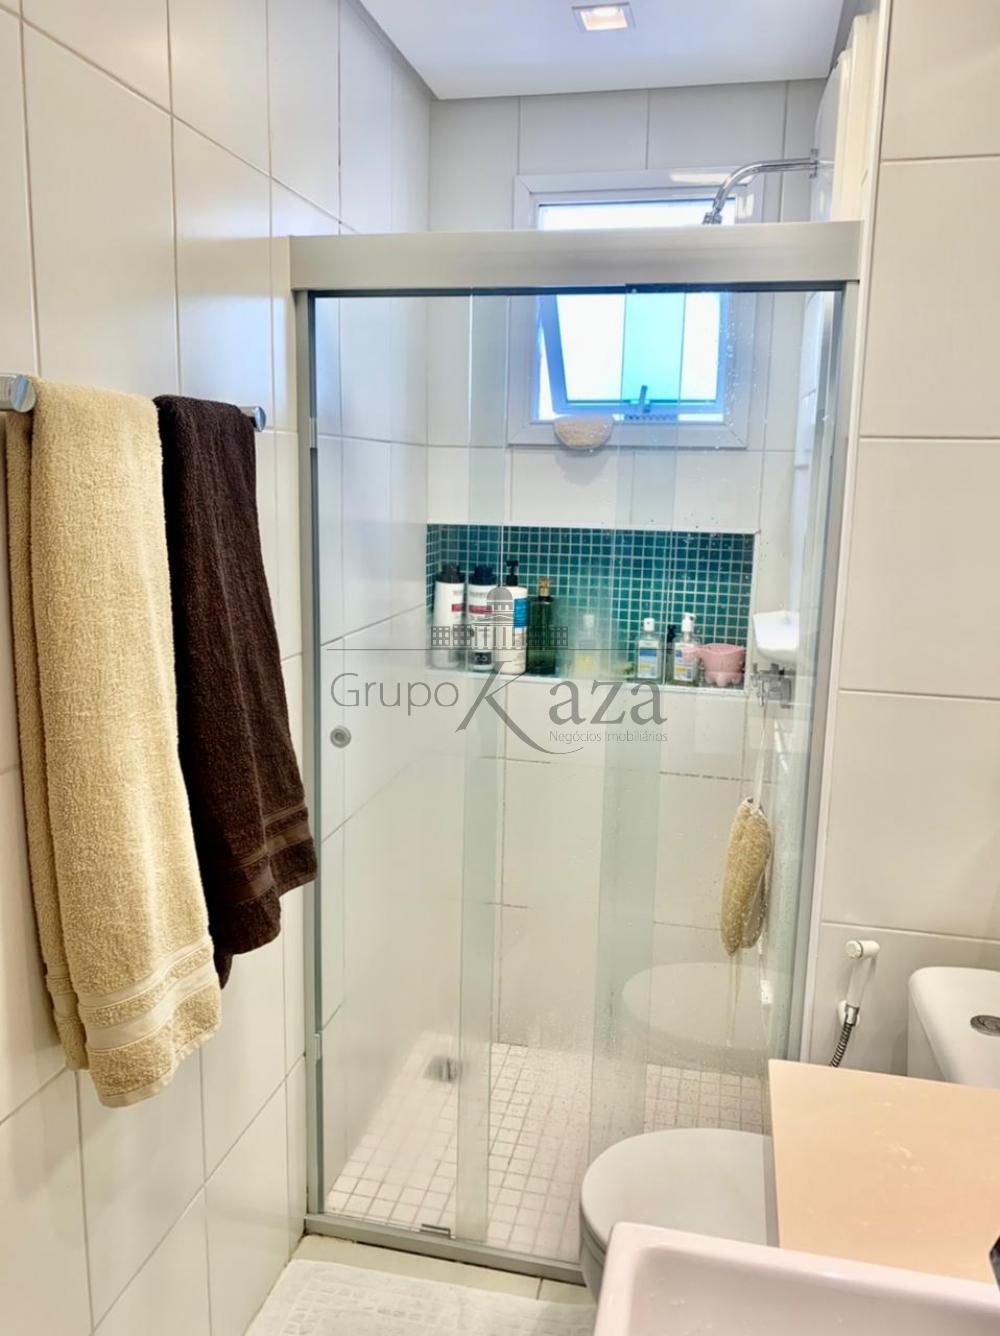 alt='Comprar Apartamento / Padrão em São José dos Campos R$ 855.000,00 - Foto 13' title='Comprar Apartamento / Padrão em São José dos Campos R$ 855.000,00 - Foto 13'